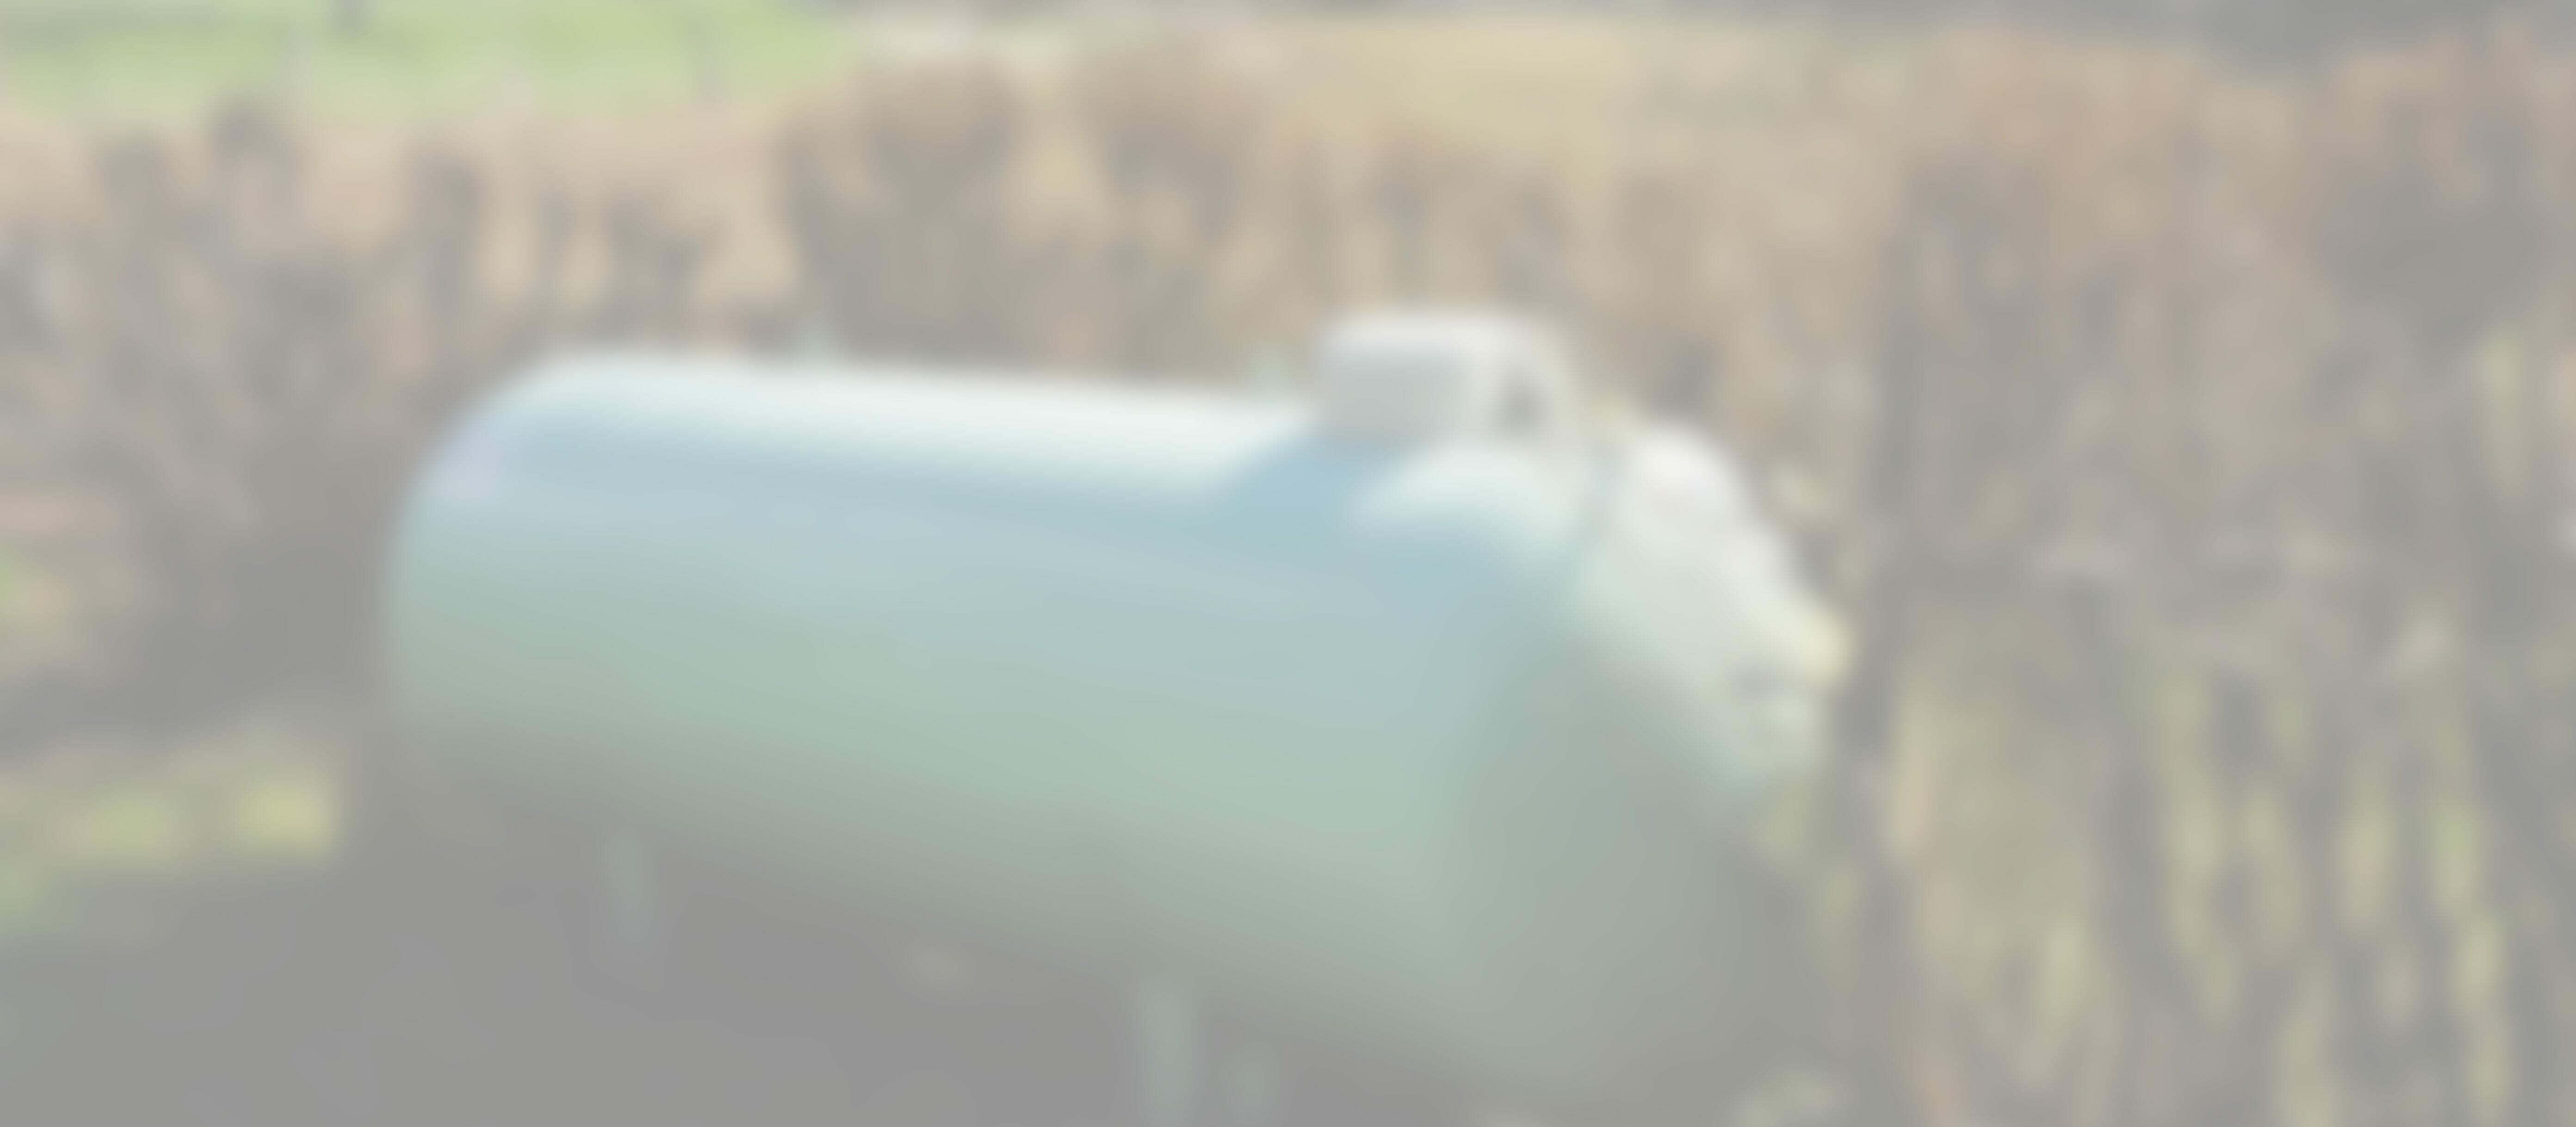 Oberirdischer Flüssiggastank in grün